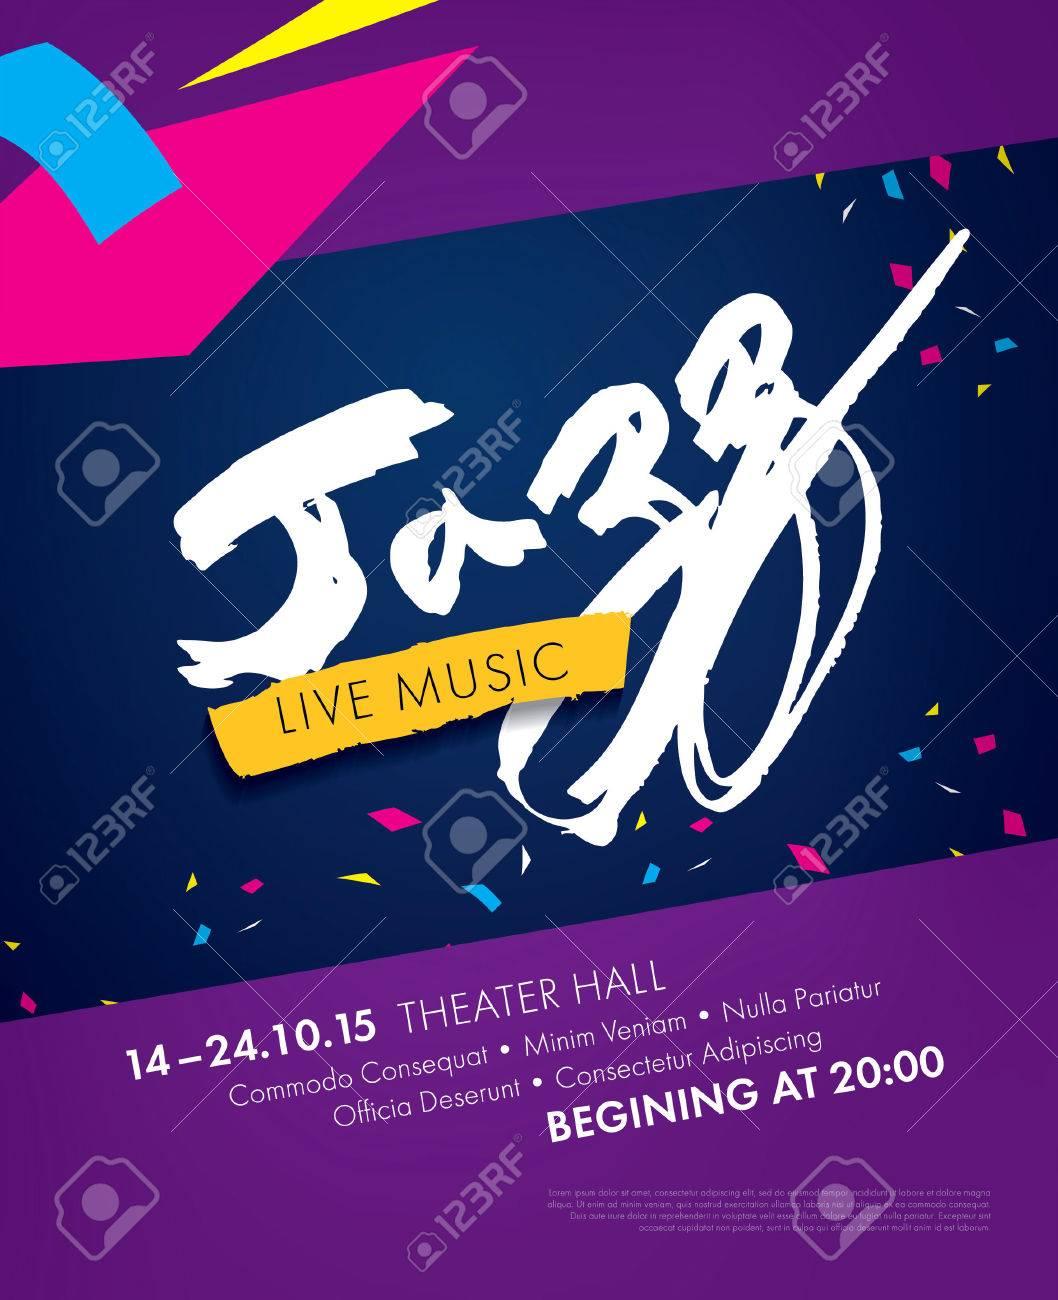 Festival De Jazz - Música En Vivo. Diseño De La Plantilla Del Cartel ...